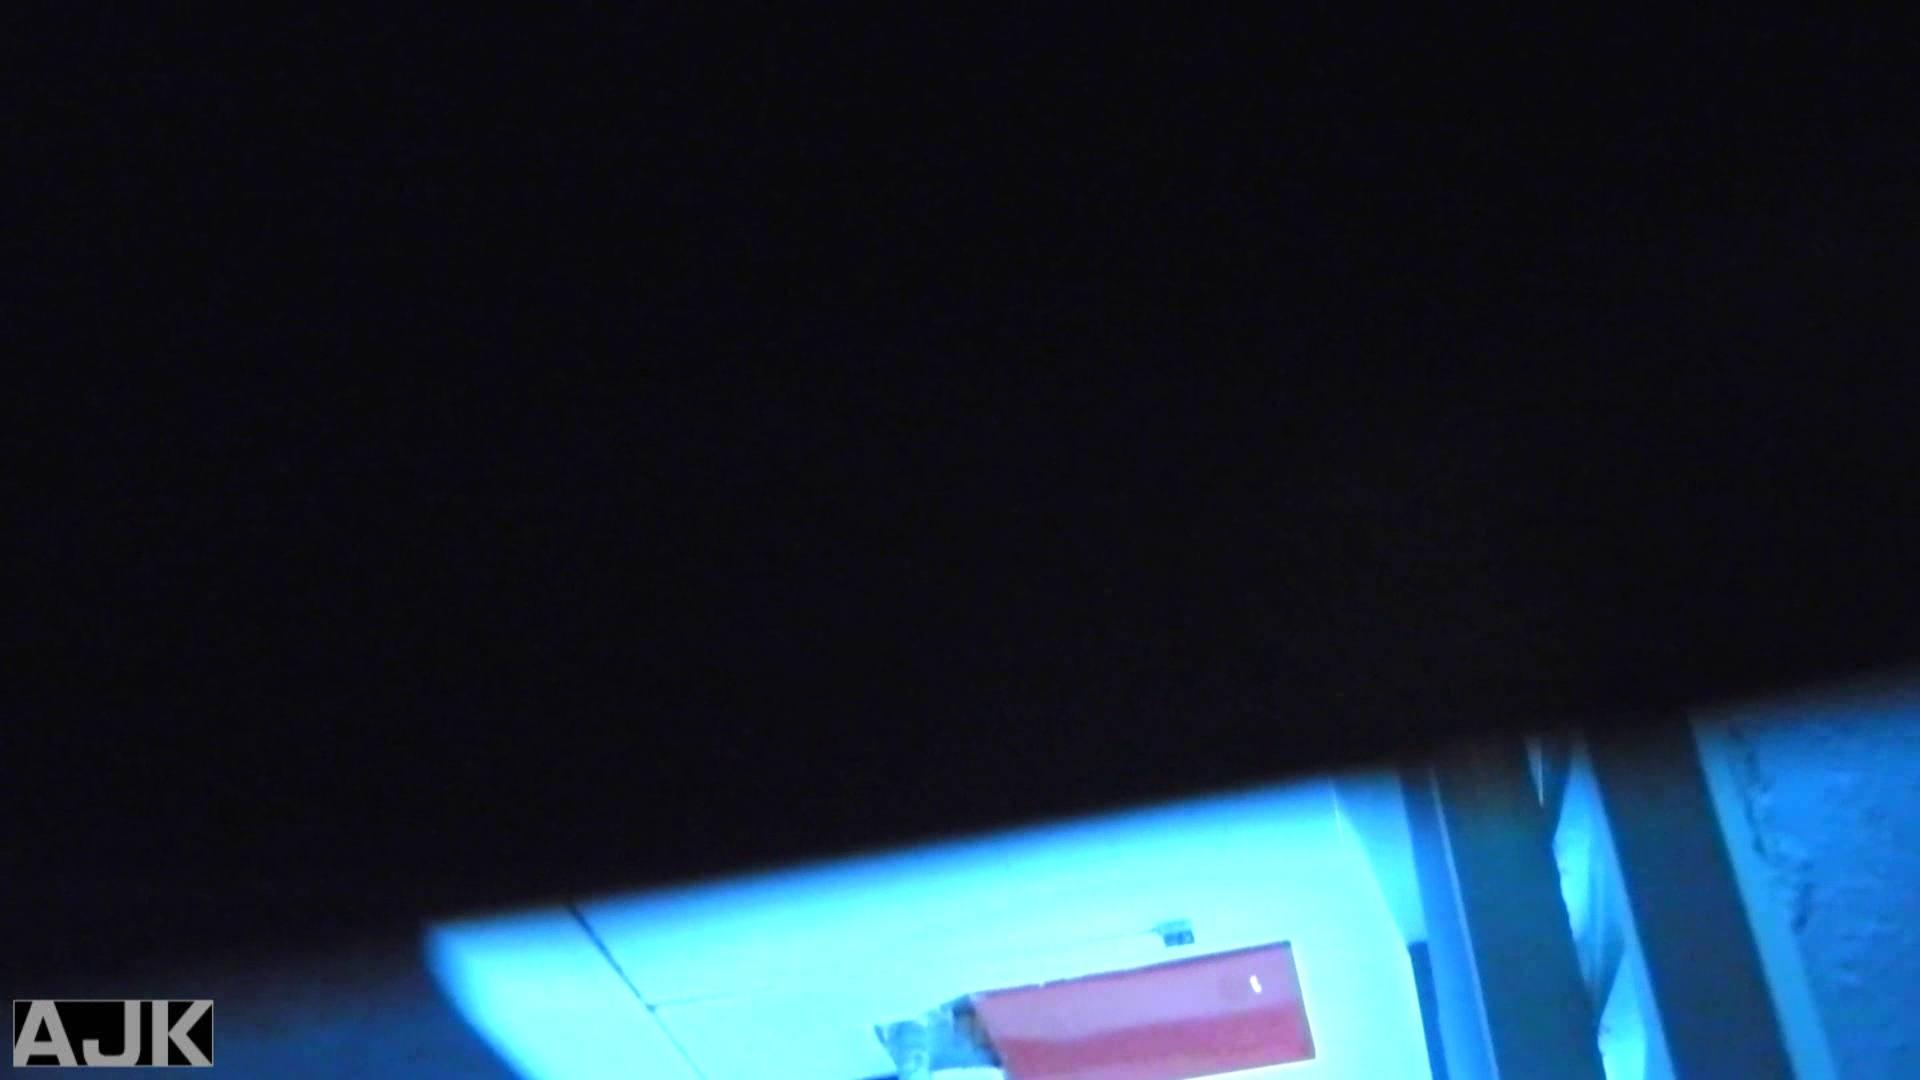 神降臨!史上最強の潜入かわや! vol.22 潜入突撃 隠し撮りオマンコ動画紹介 96pic 66